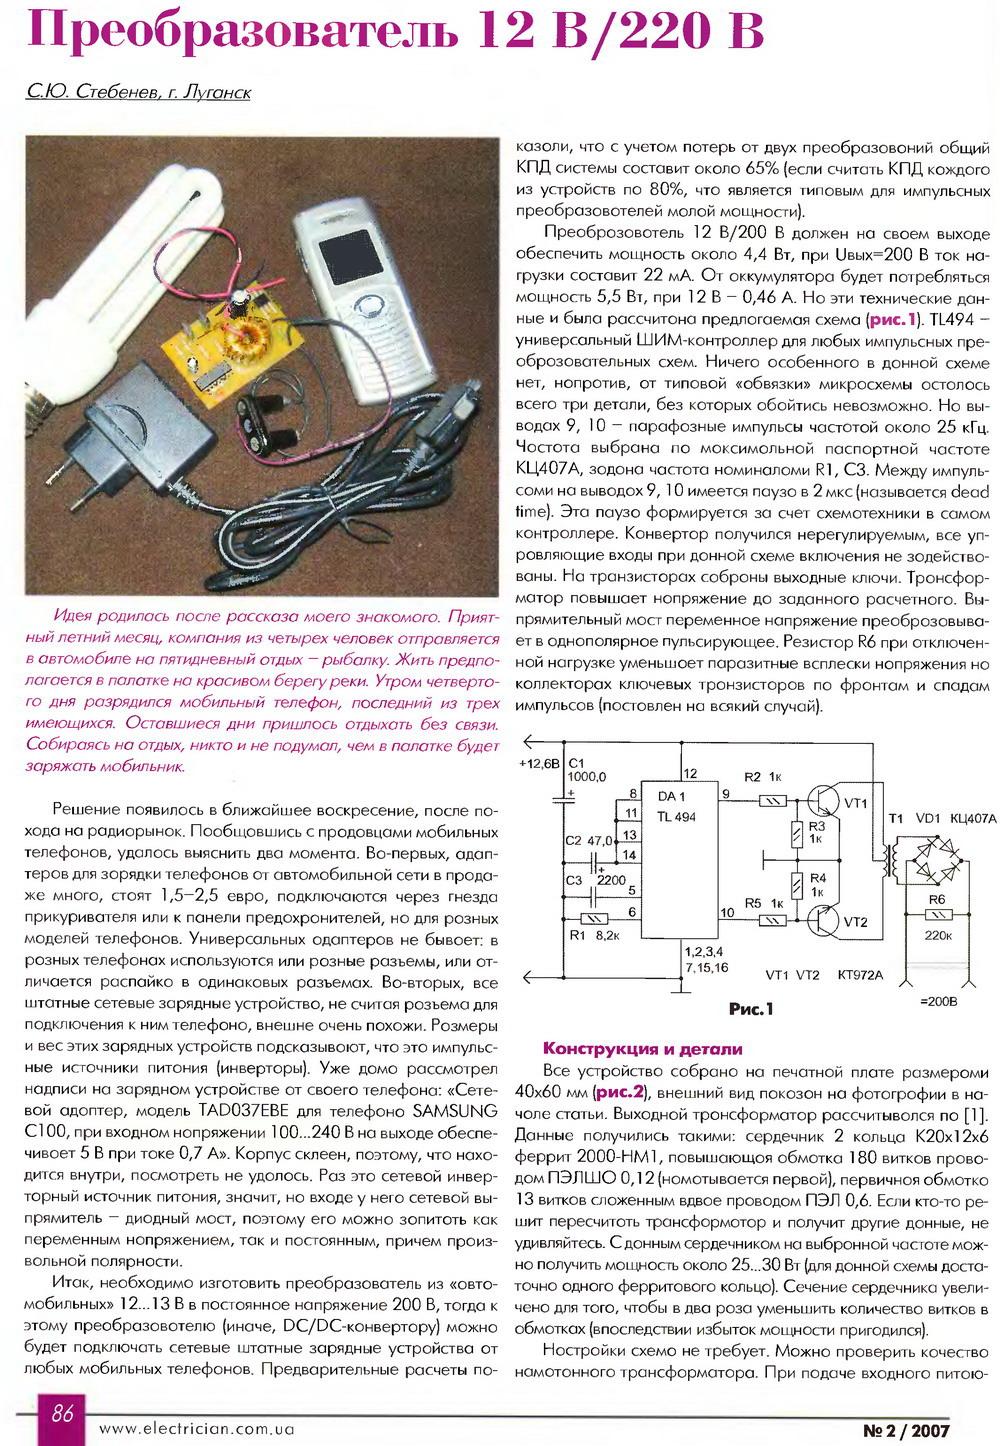 Зарядное устройство сотового телефона схемы